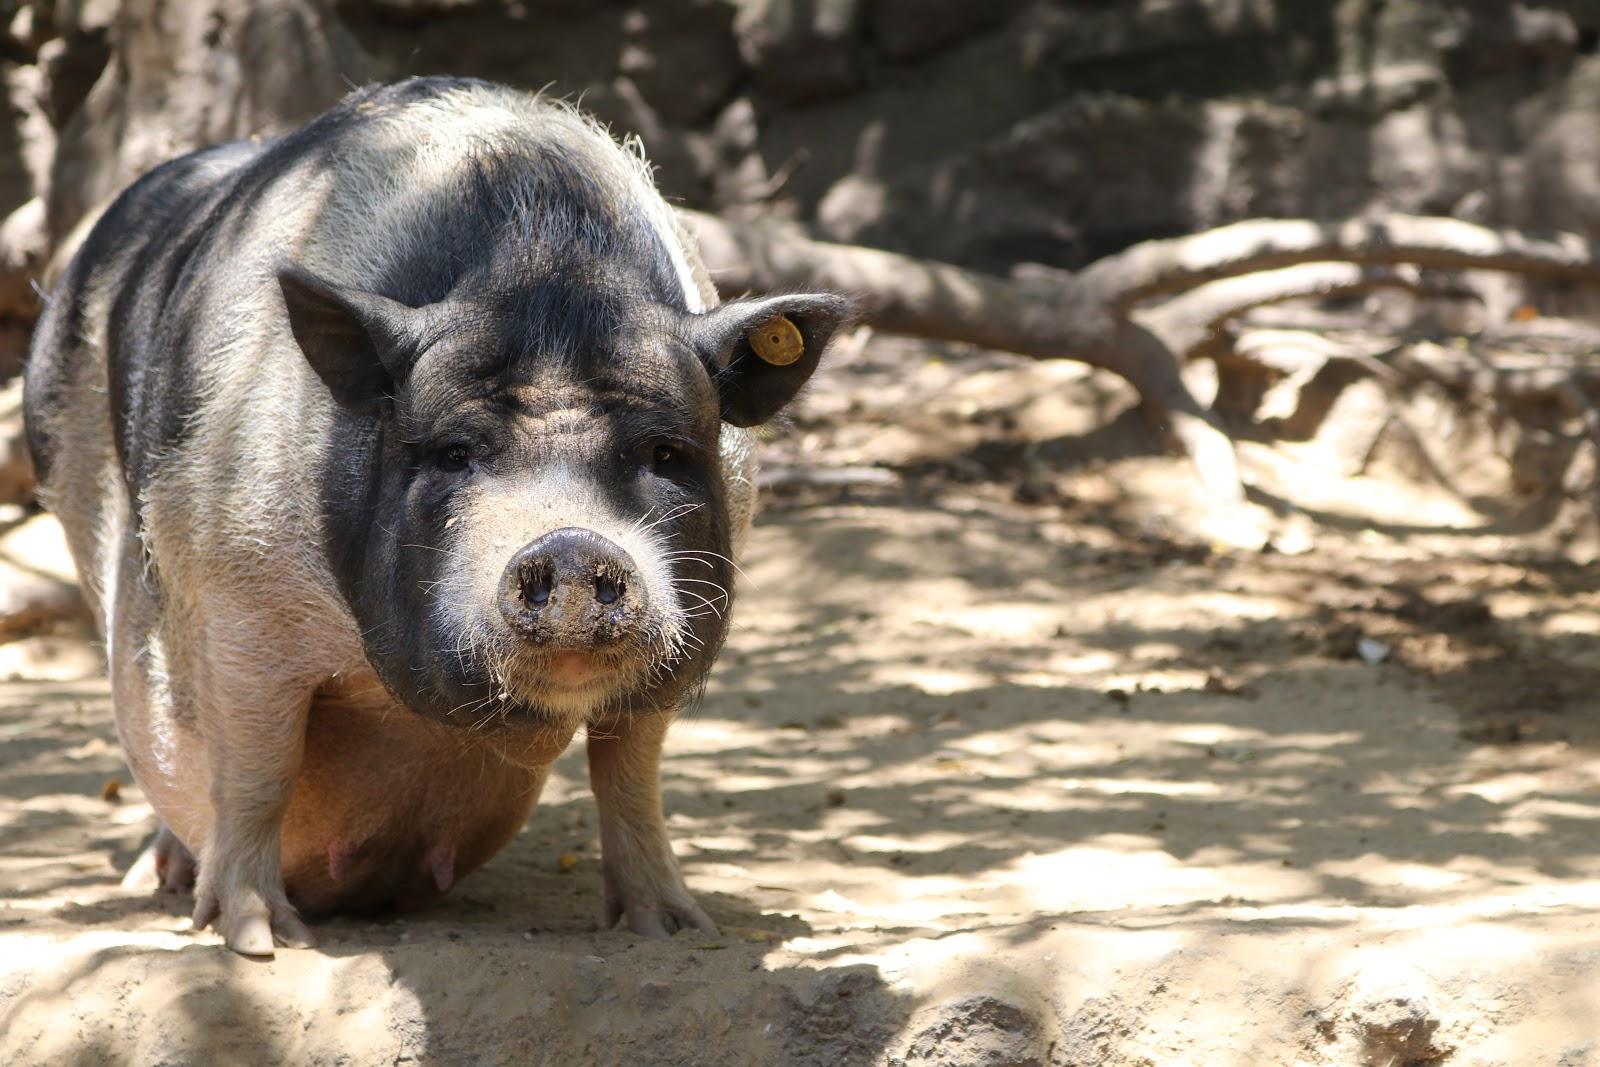 A Pig in Zoo De Castellar, Spain